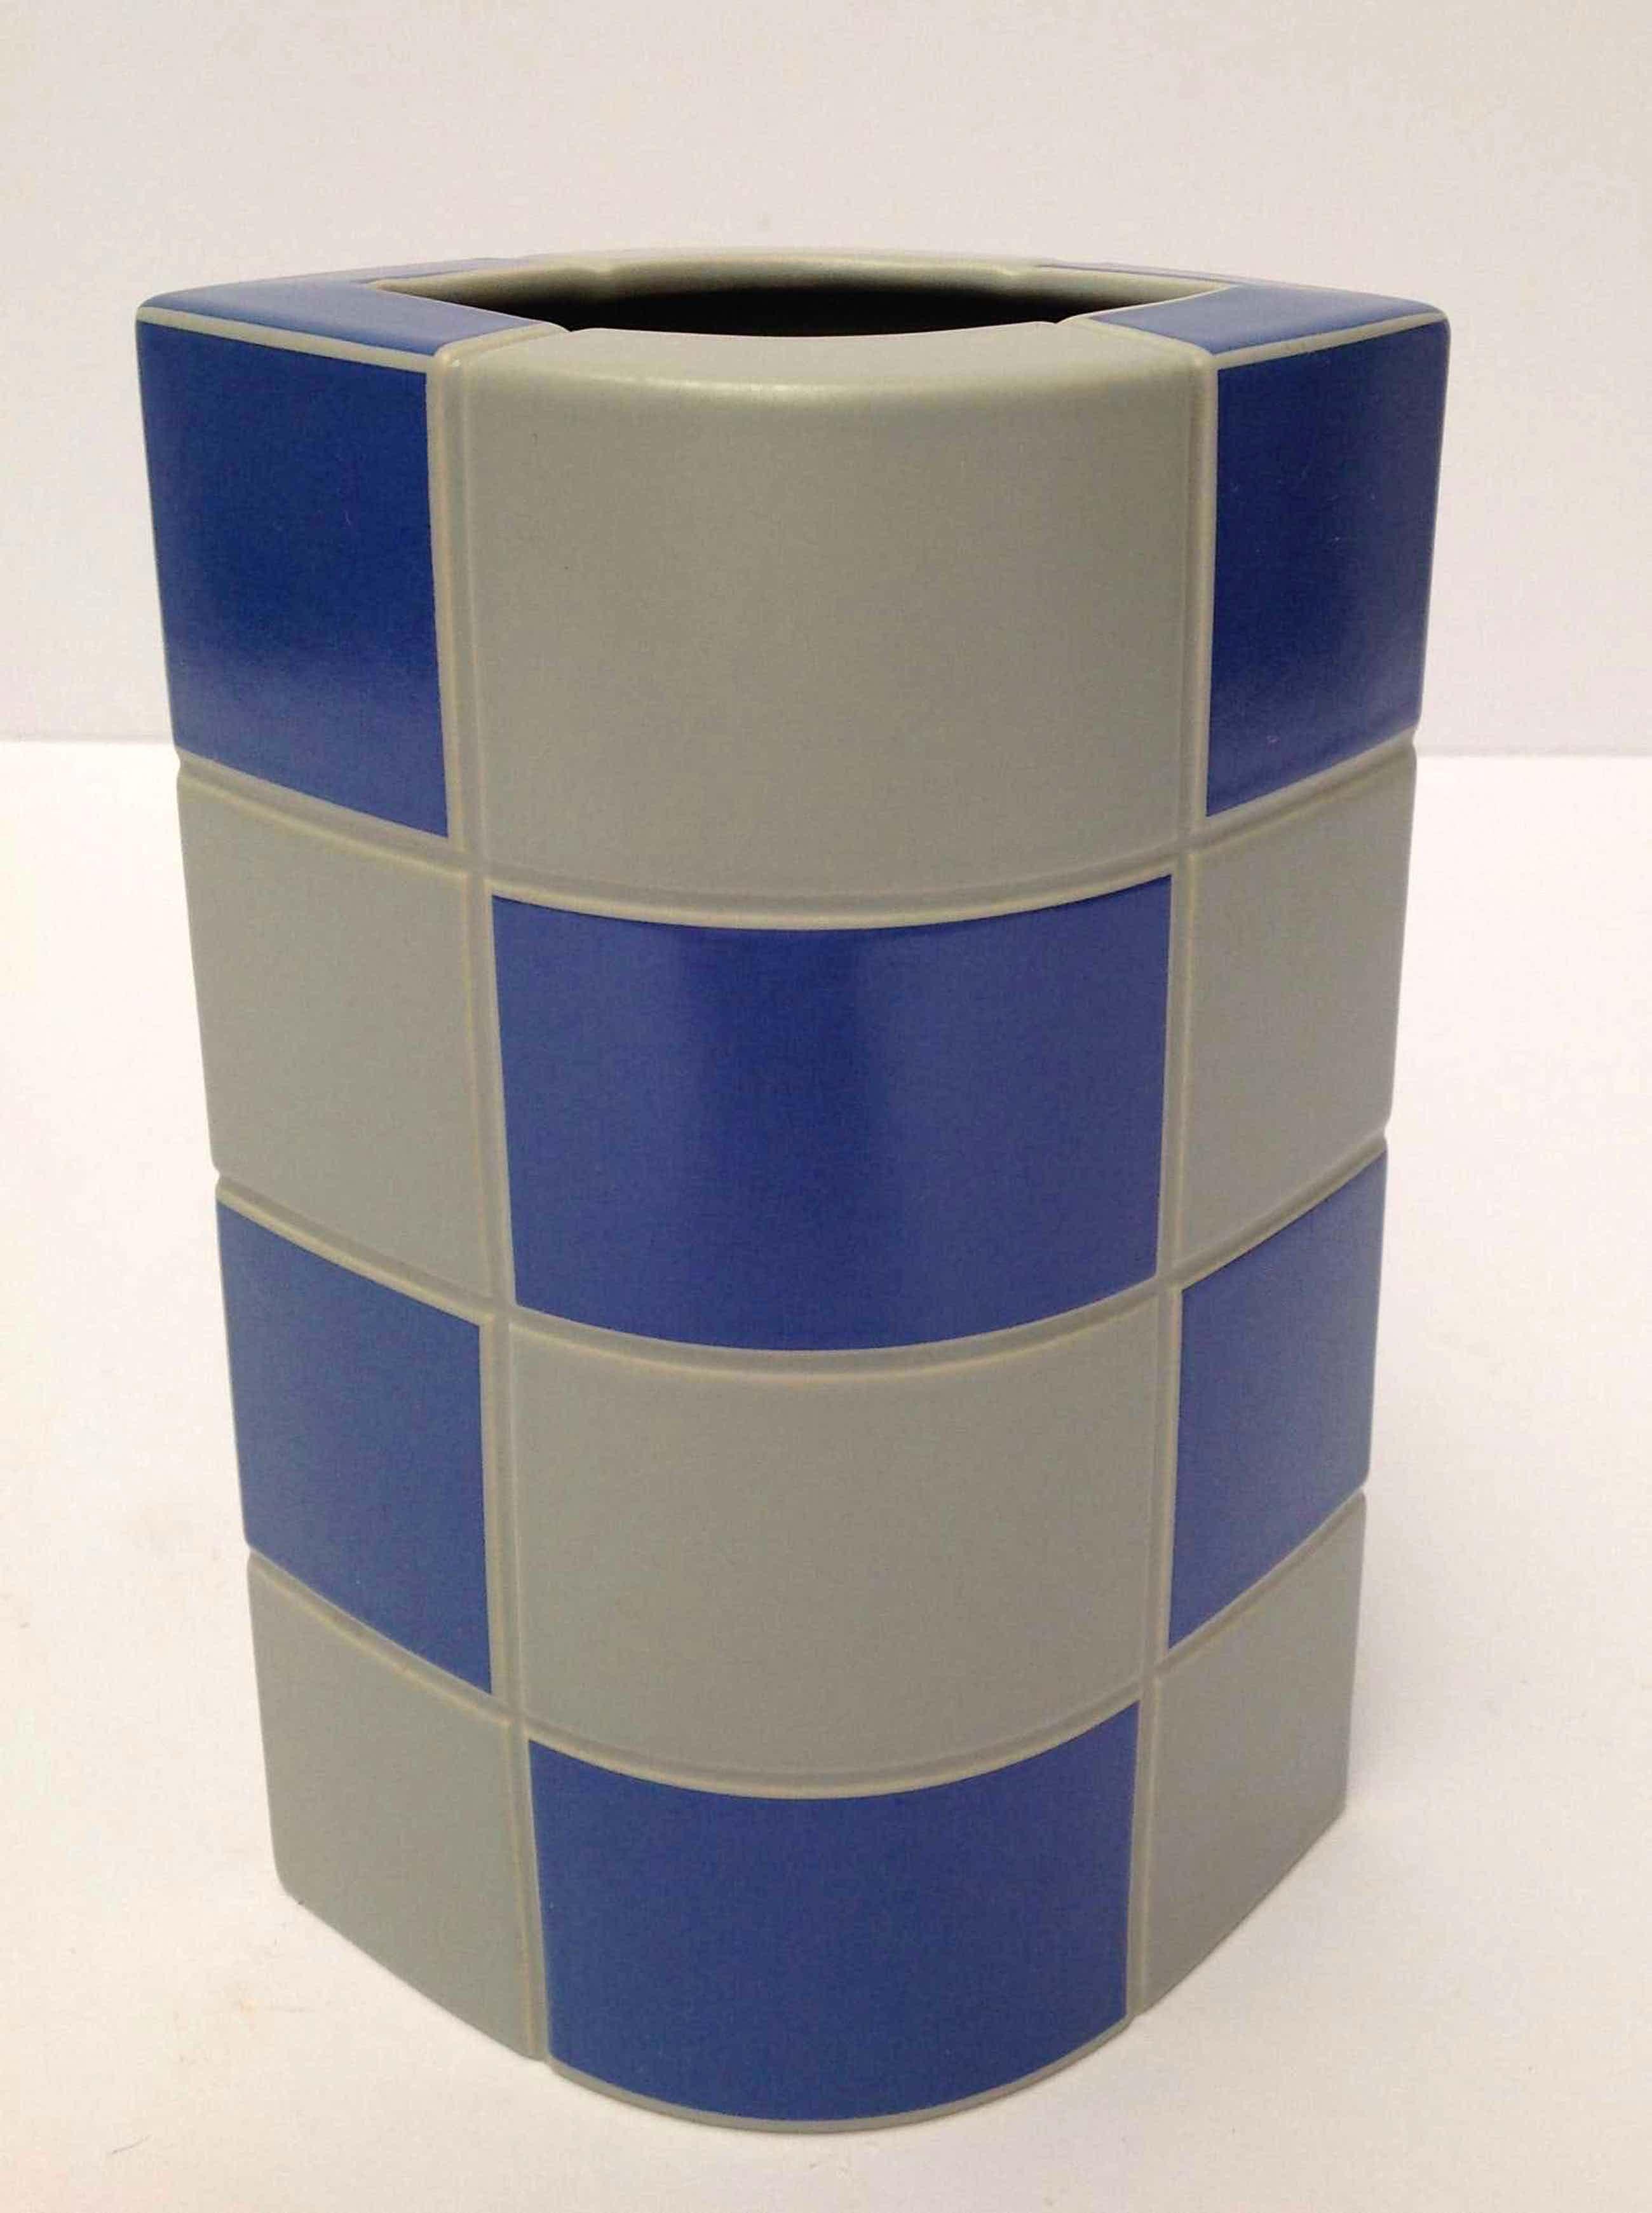 Jan van der Vaart - Schach vaas met blauwe en grijze vakken, Porselein Rosenthal  kopen? Bied vanaf 70!